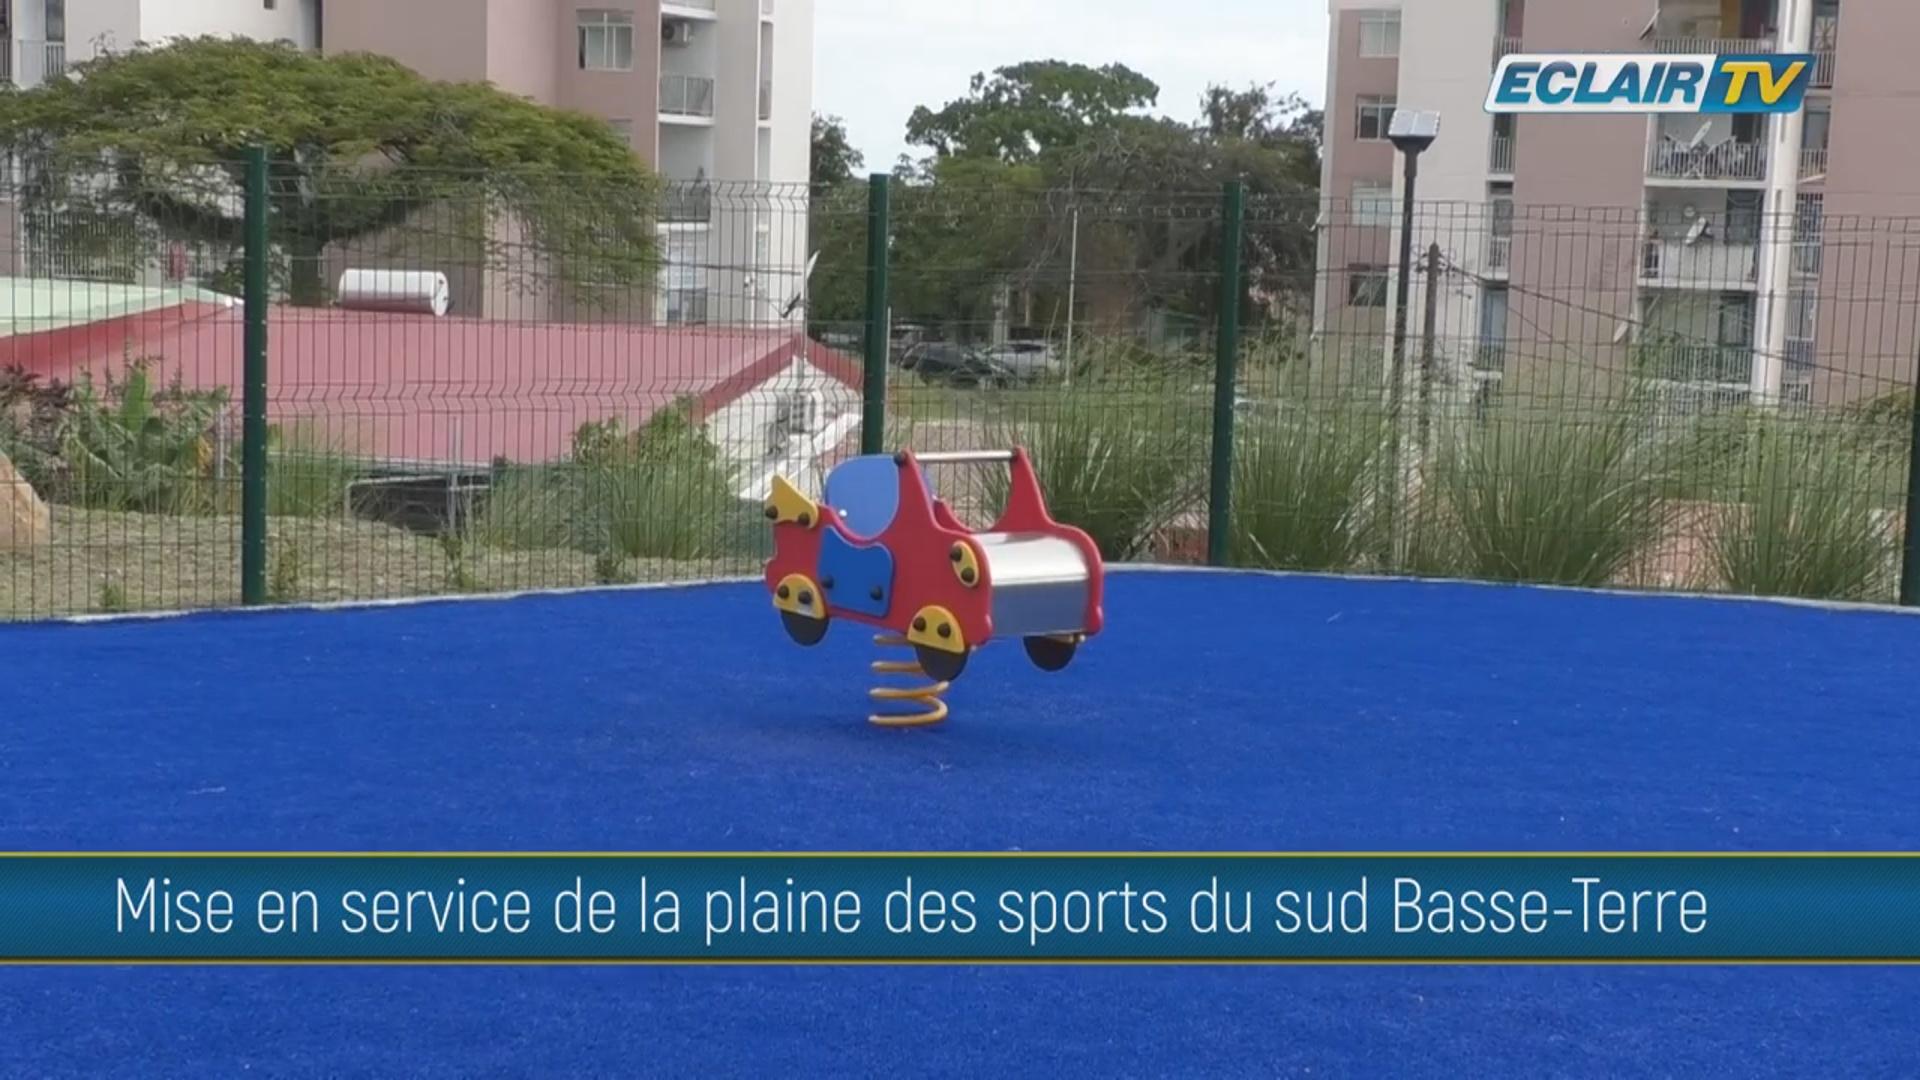 [Vidéo] Onews Guadeloupe. Mise en service de la Plaine des sports du Sud Basse-Terre (Eclair tv)